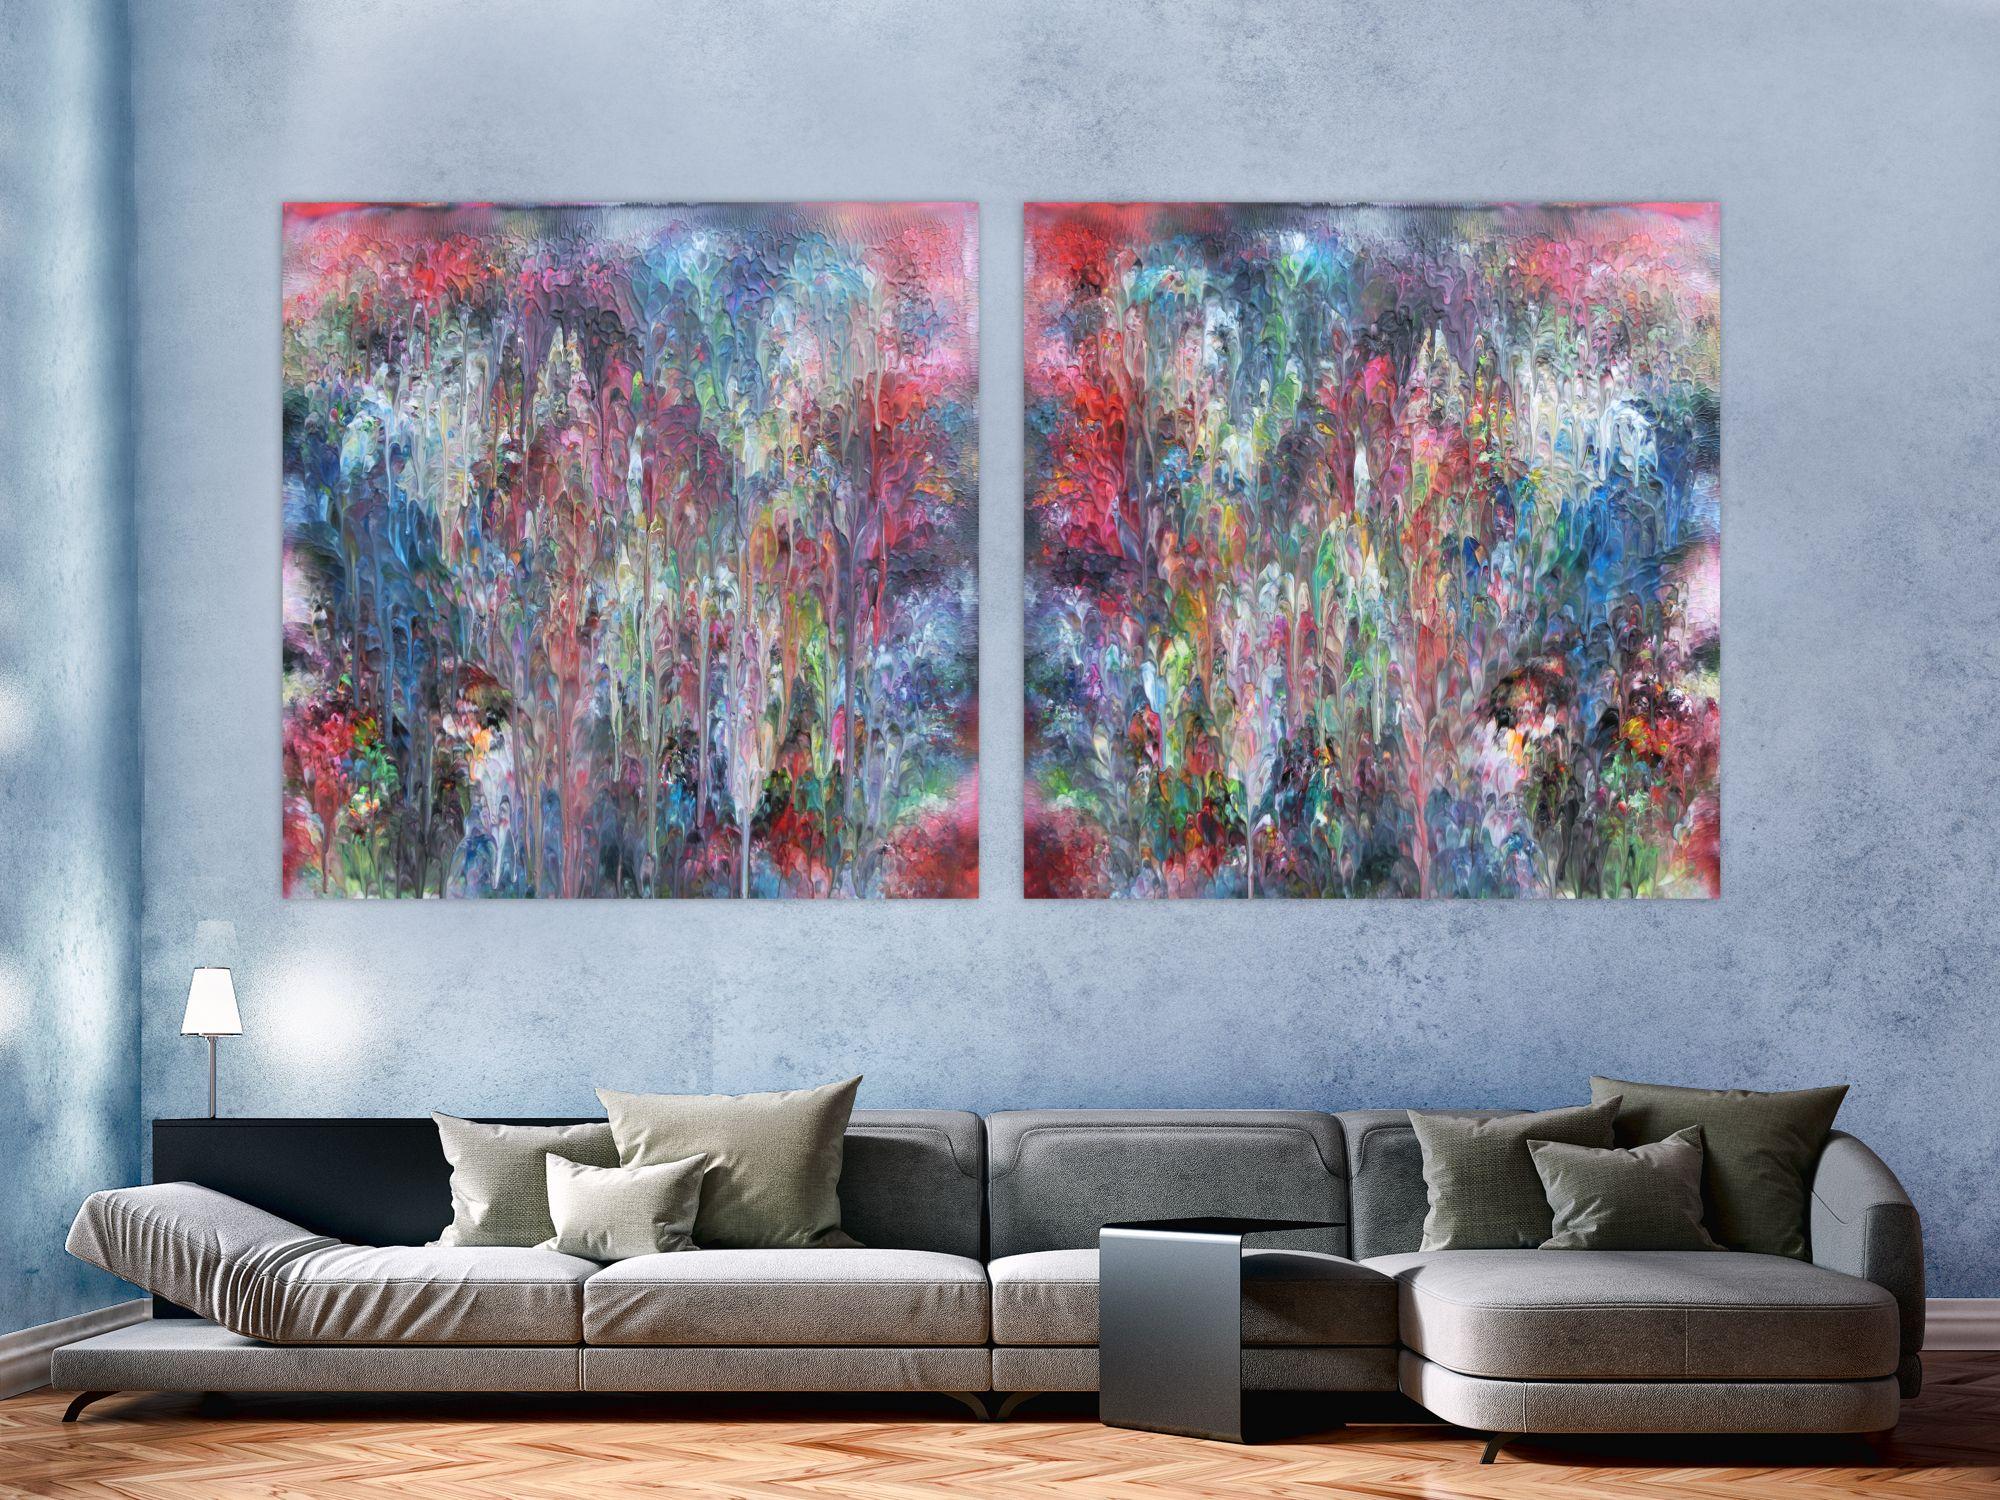 Abstraktes Bild Fleck Bunt Modern 100x200cm Von Alex Zerr Abstrakt Abstrakte Bilder Abstrakte Kunst Auf Leinwand